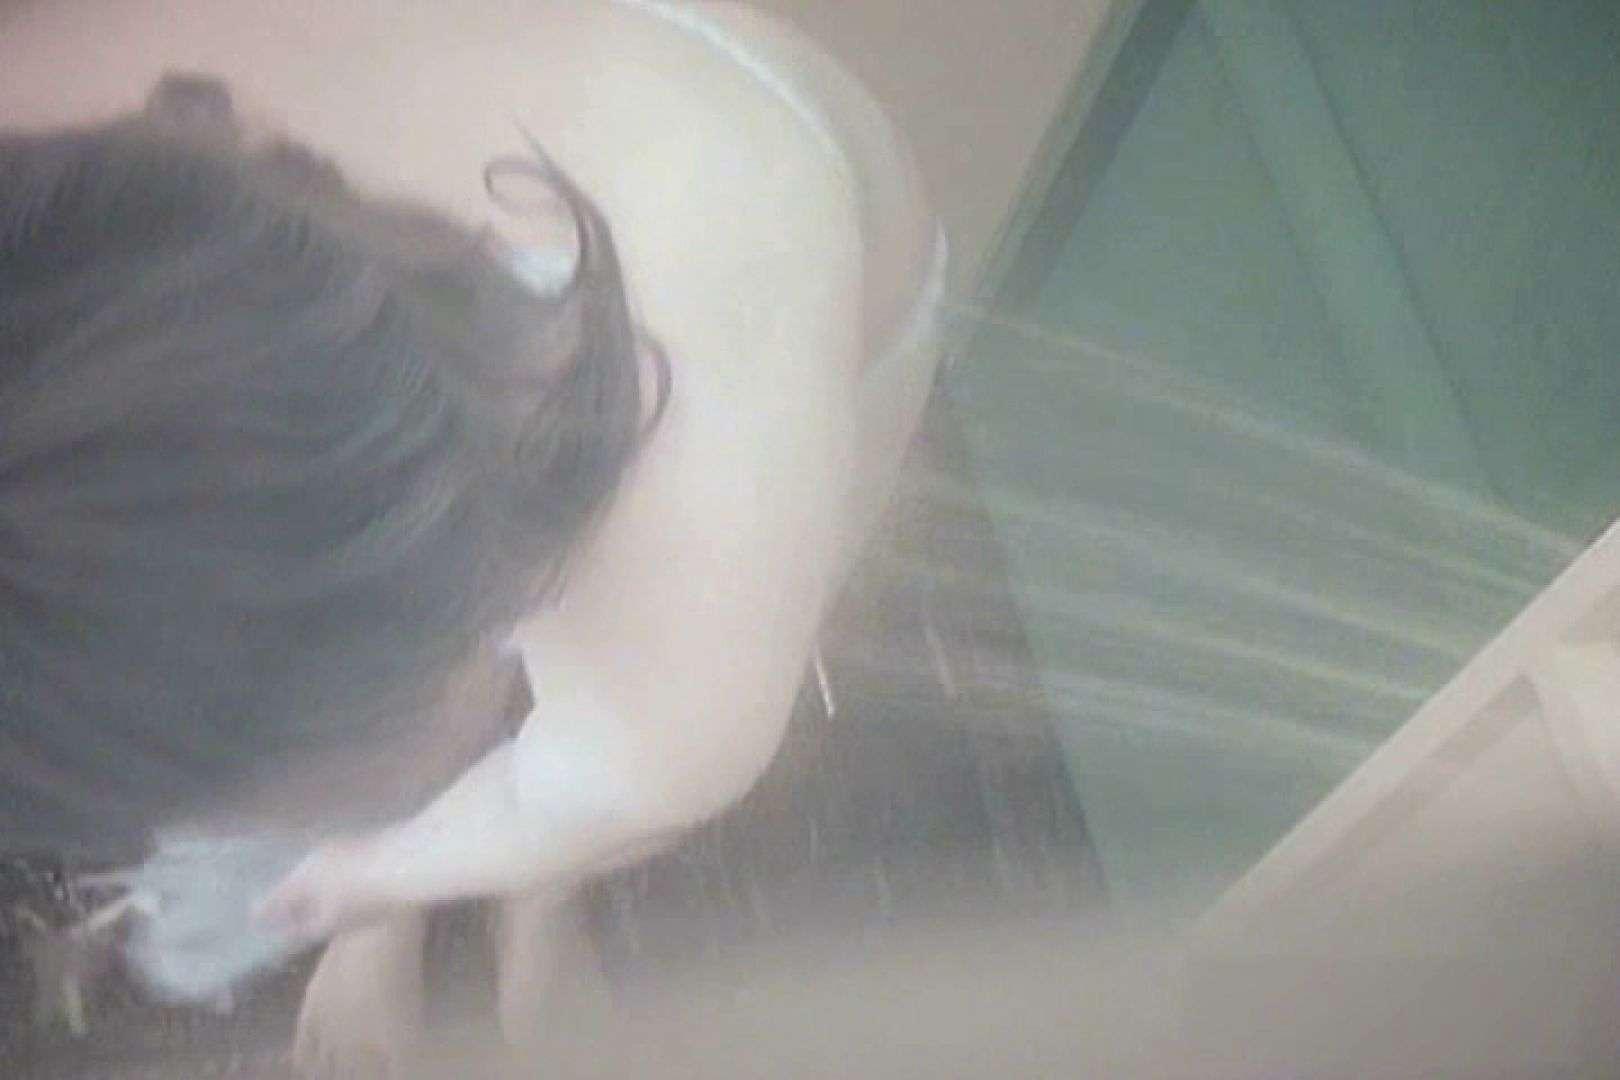 夏海シャワー室!ベトベトお肌をサラサラに!VOL.07 水着 スケベ動画紹介 104画像 59